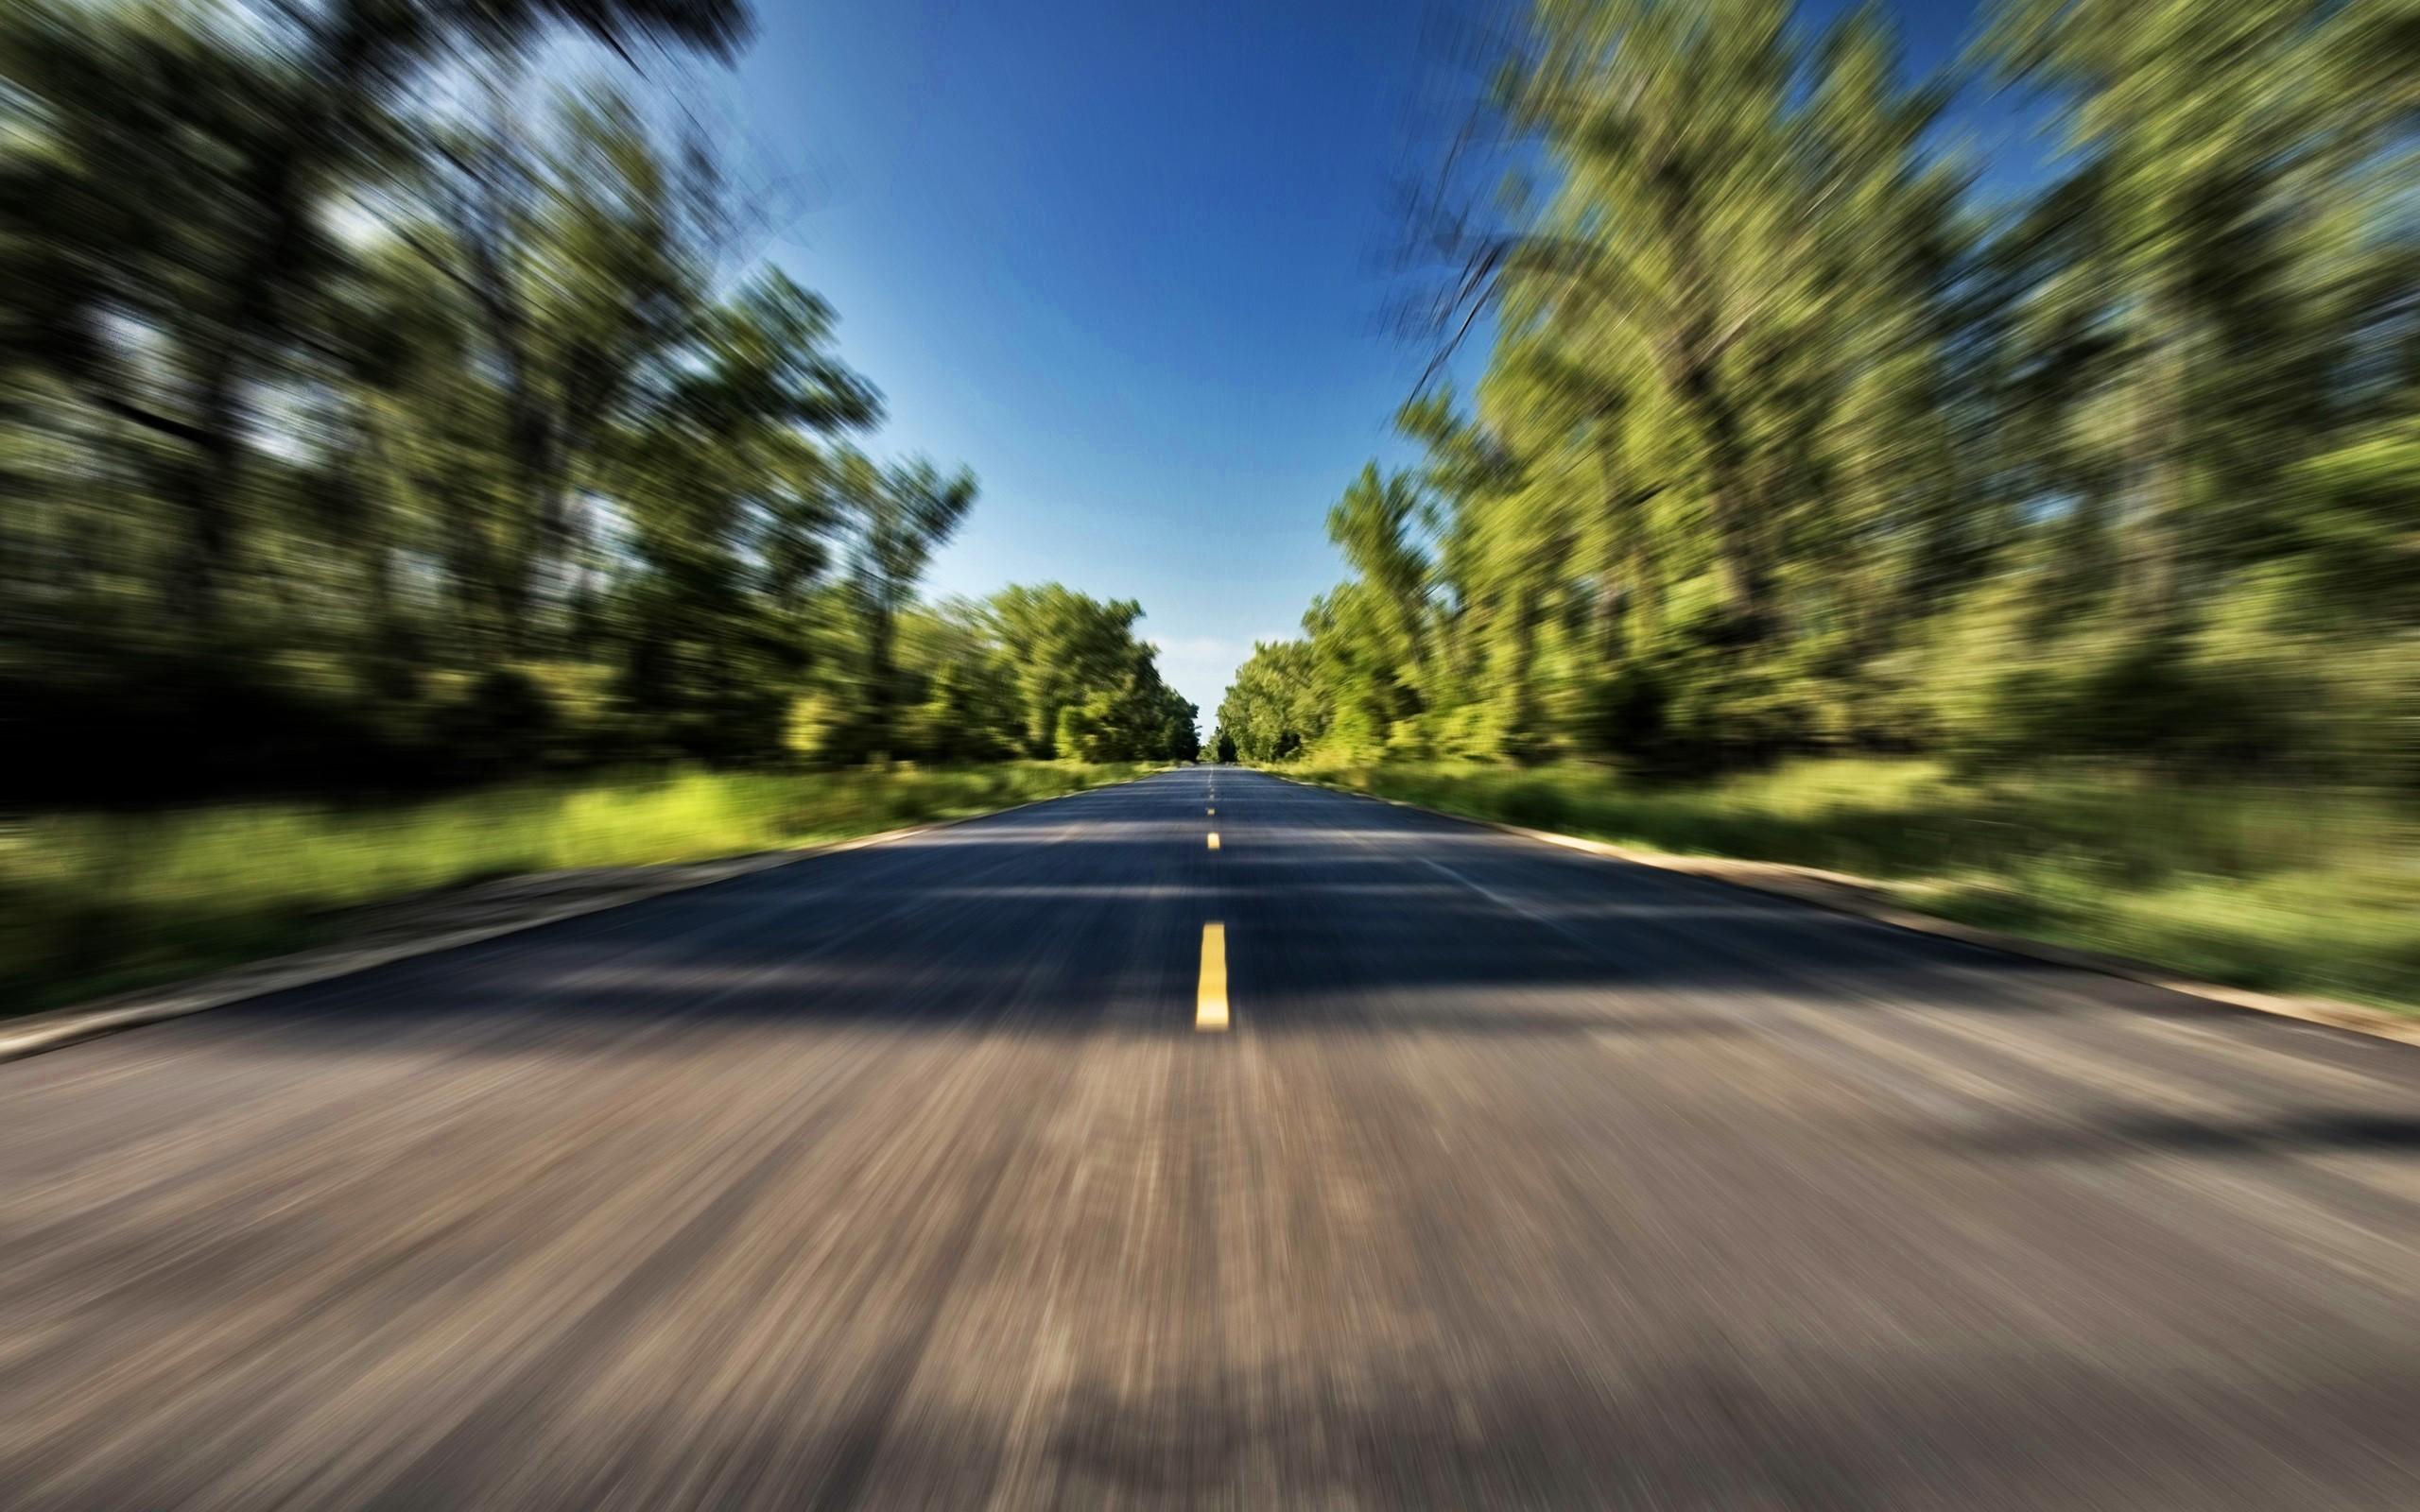 Скорость, размытость infinity без смс